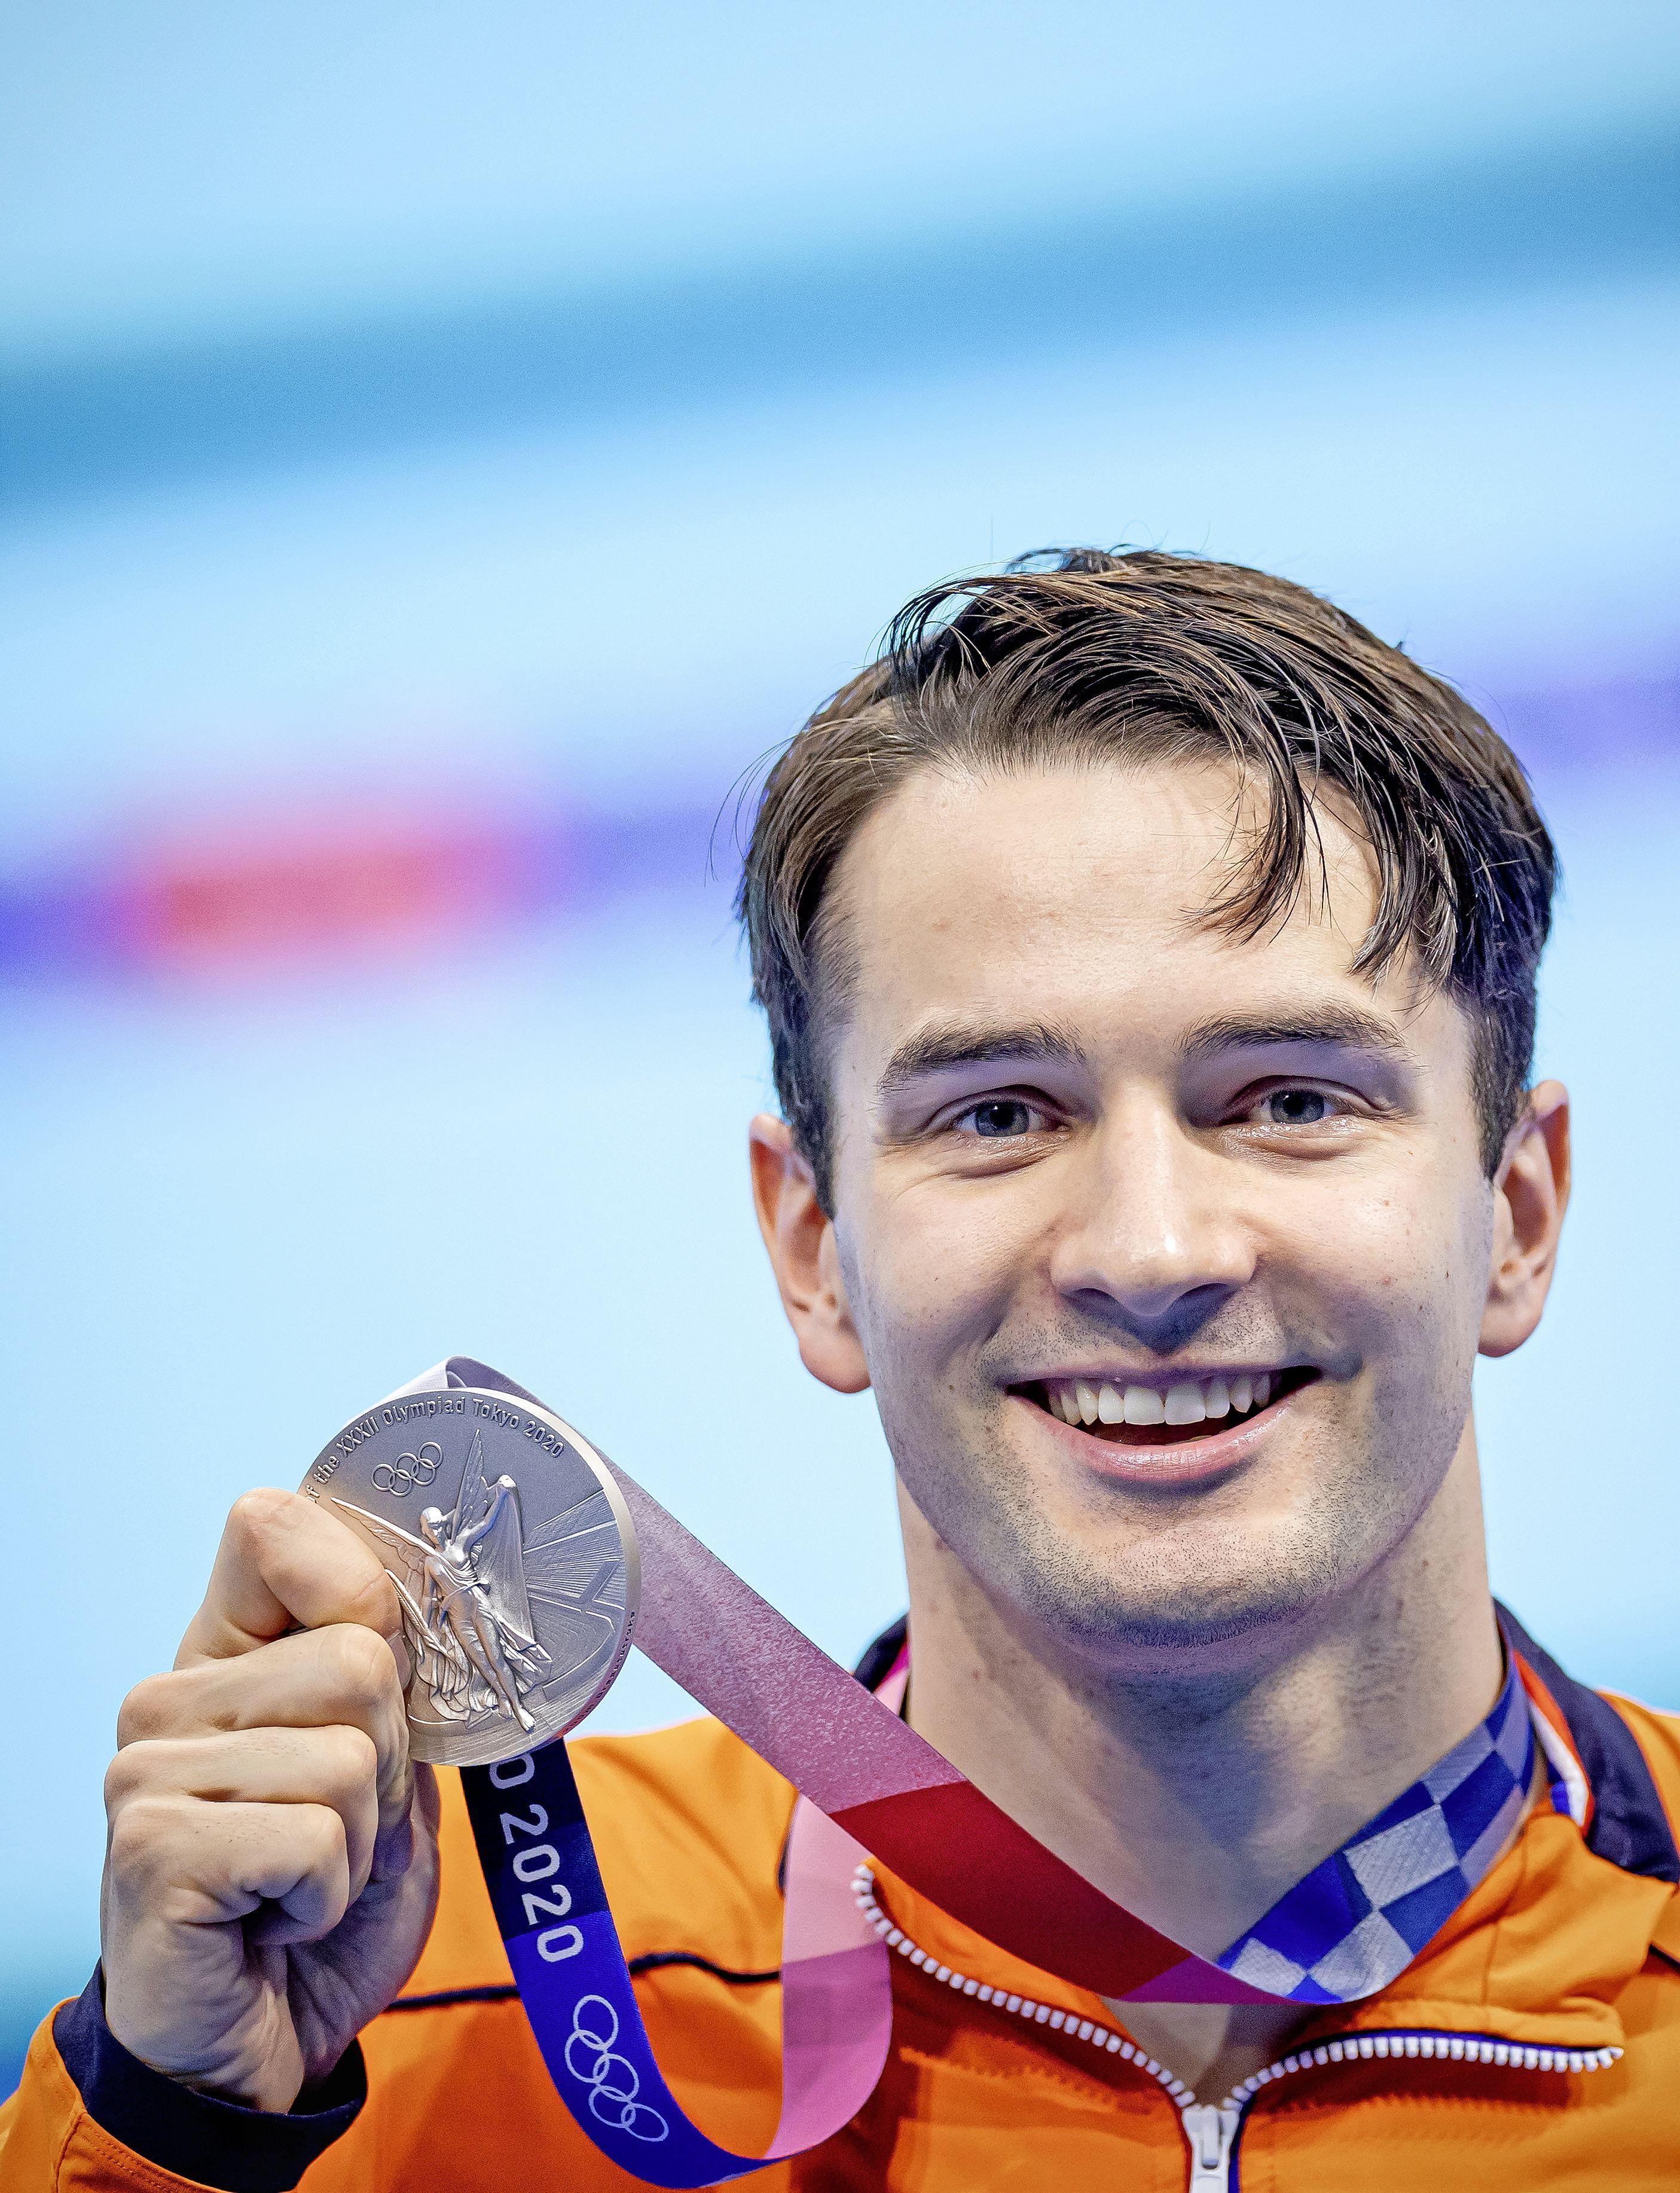 Kamminga is 'extreem blij' met tweede zilver op Spelen